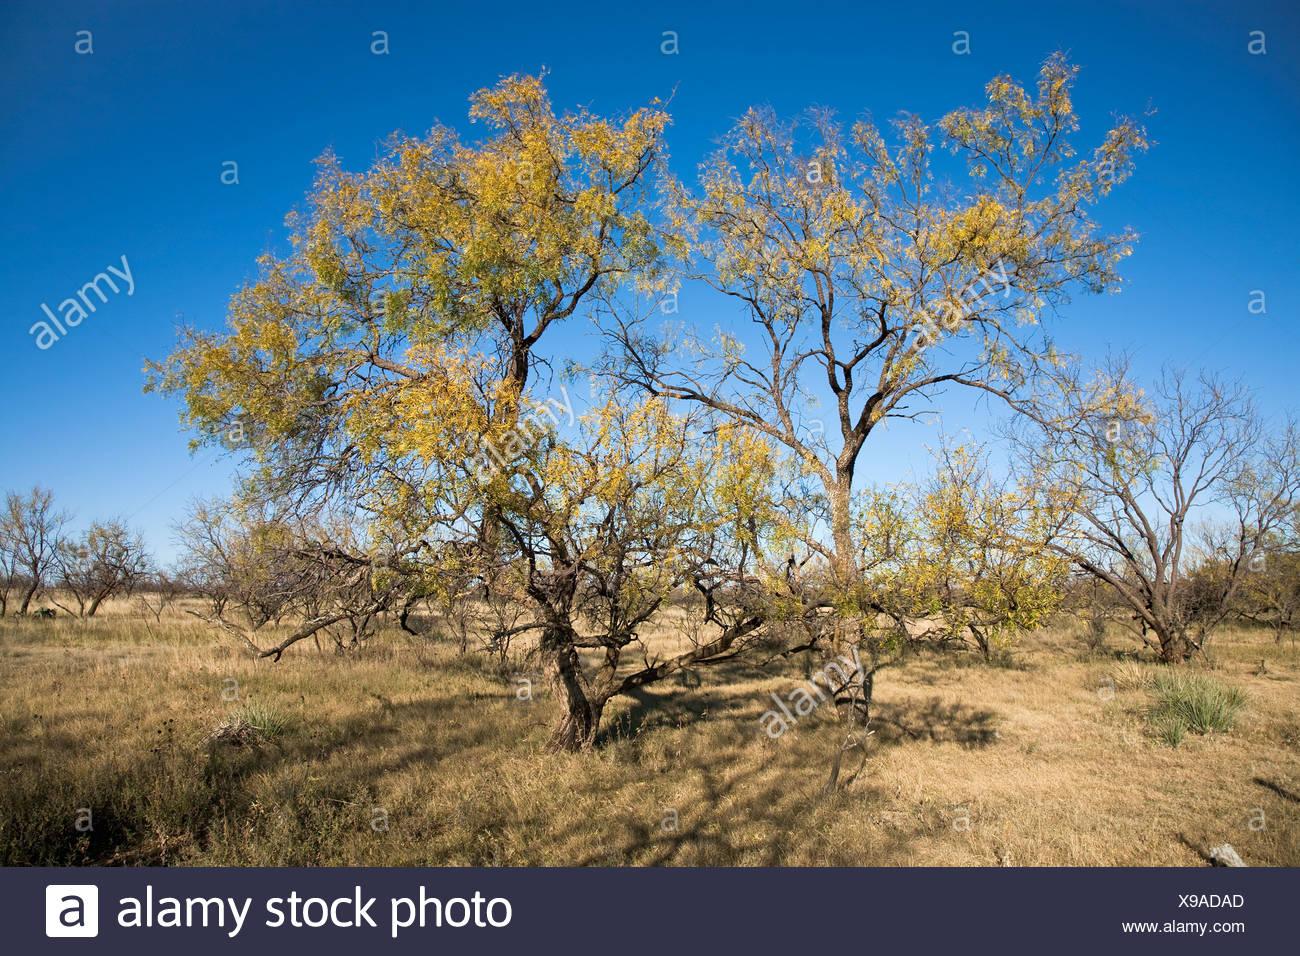 Mesquite plantes, que l'on trouve couramment dans le Texas et le sud-ouest des États-Unis Le bois est utilisé pour le mobilier, le travail du bois et de bois de chauffage/ Texas Banque D'Images